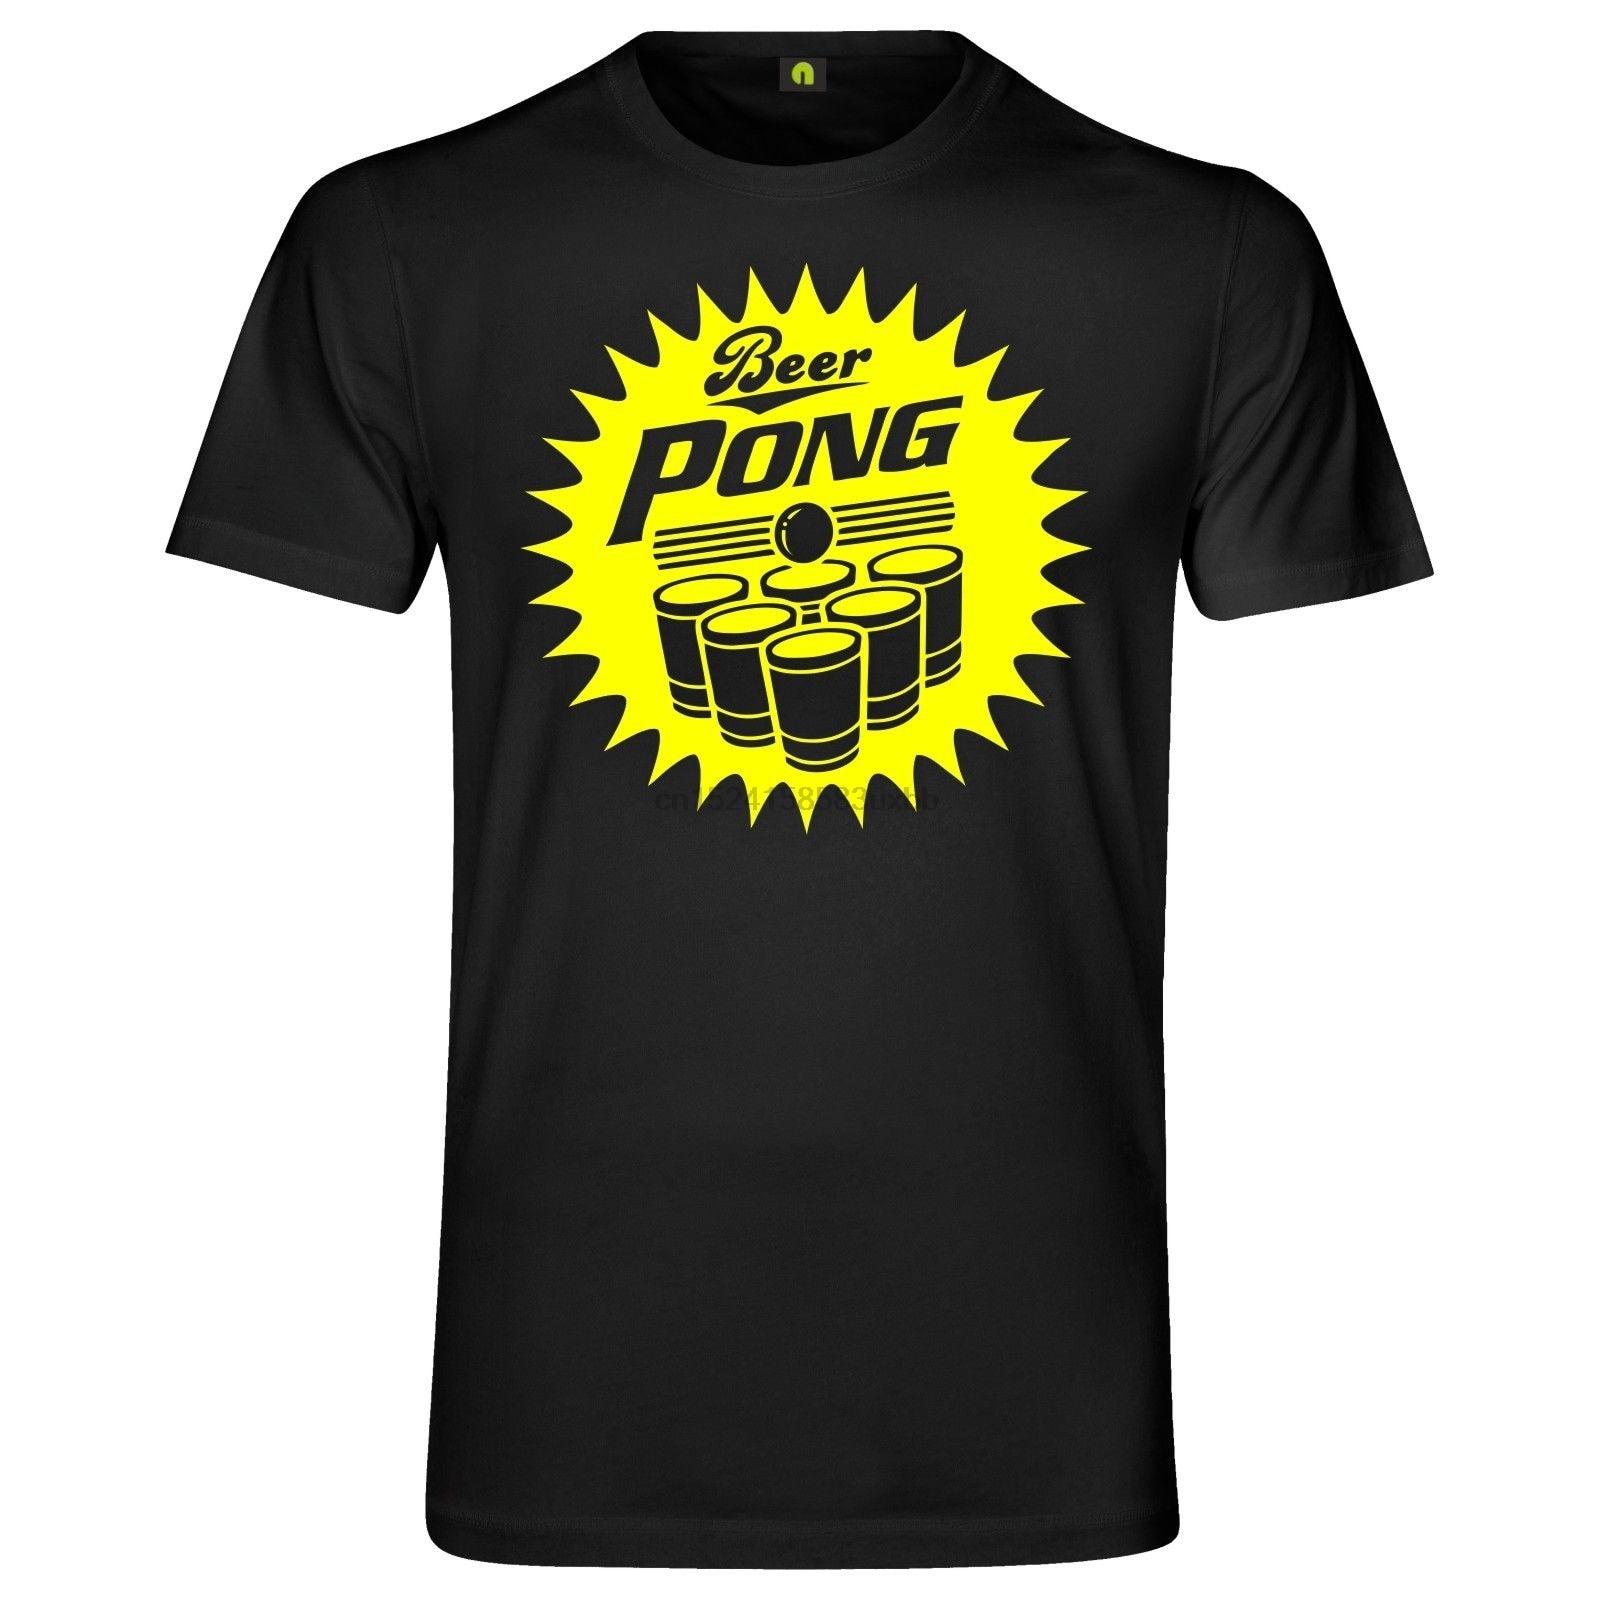 2020 Summer Cotton Tee Shirt Bier Pong T-Shirt Bierpong Beer Party Alkohol Saufen Spiel Becher Fashion T-shirt